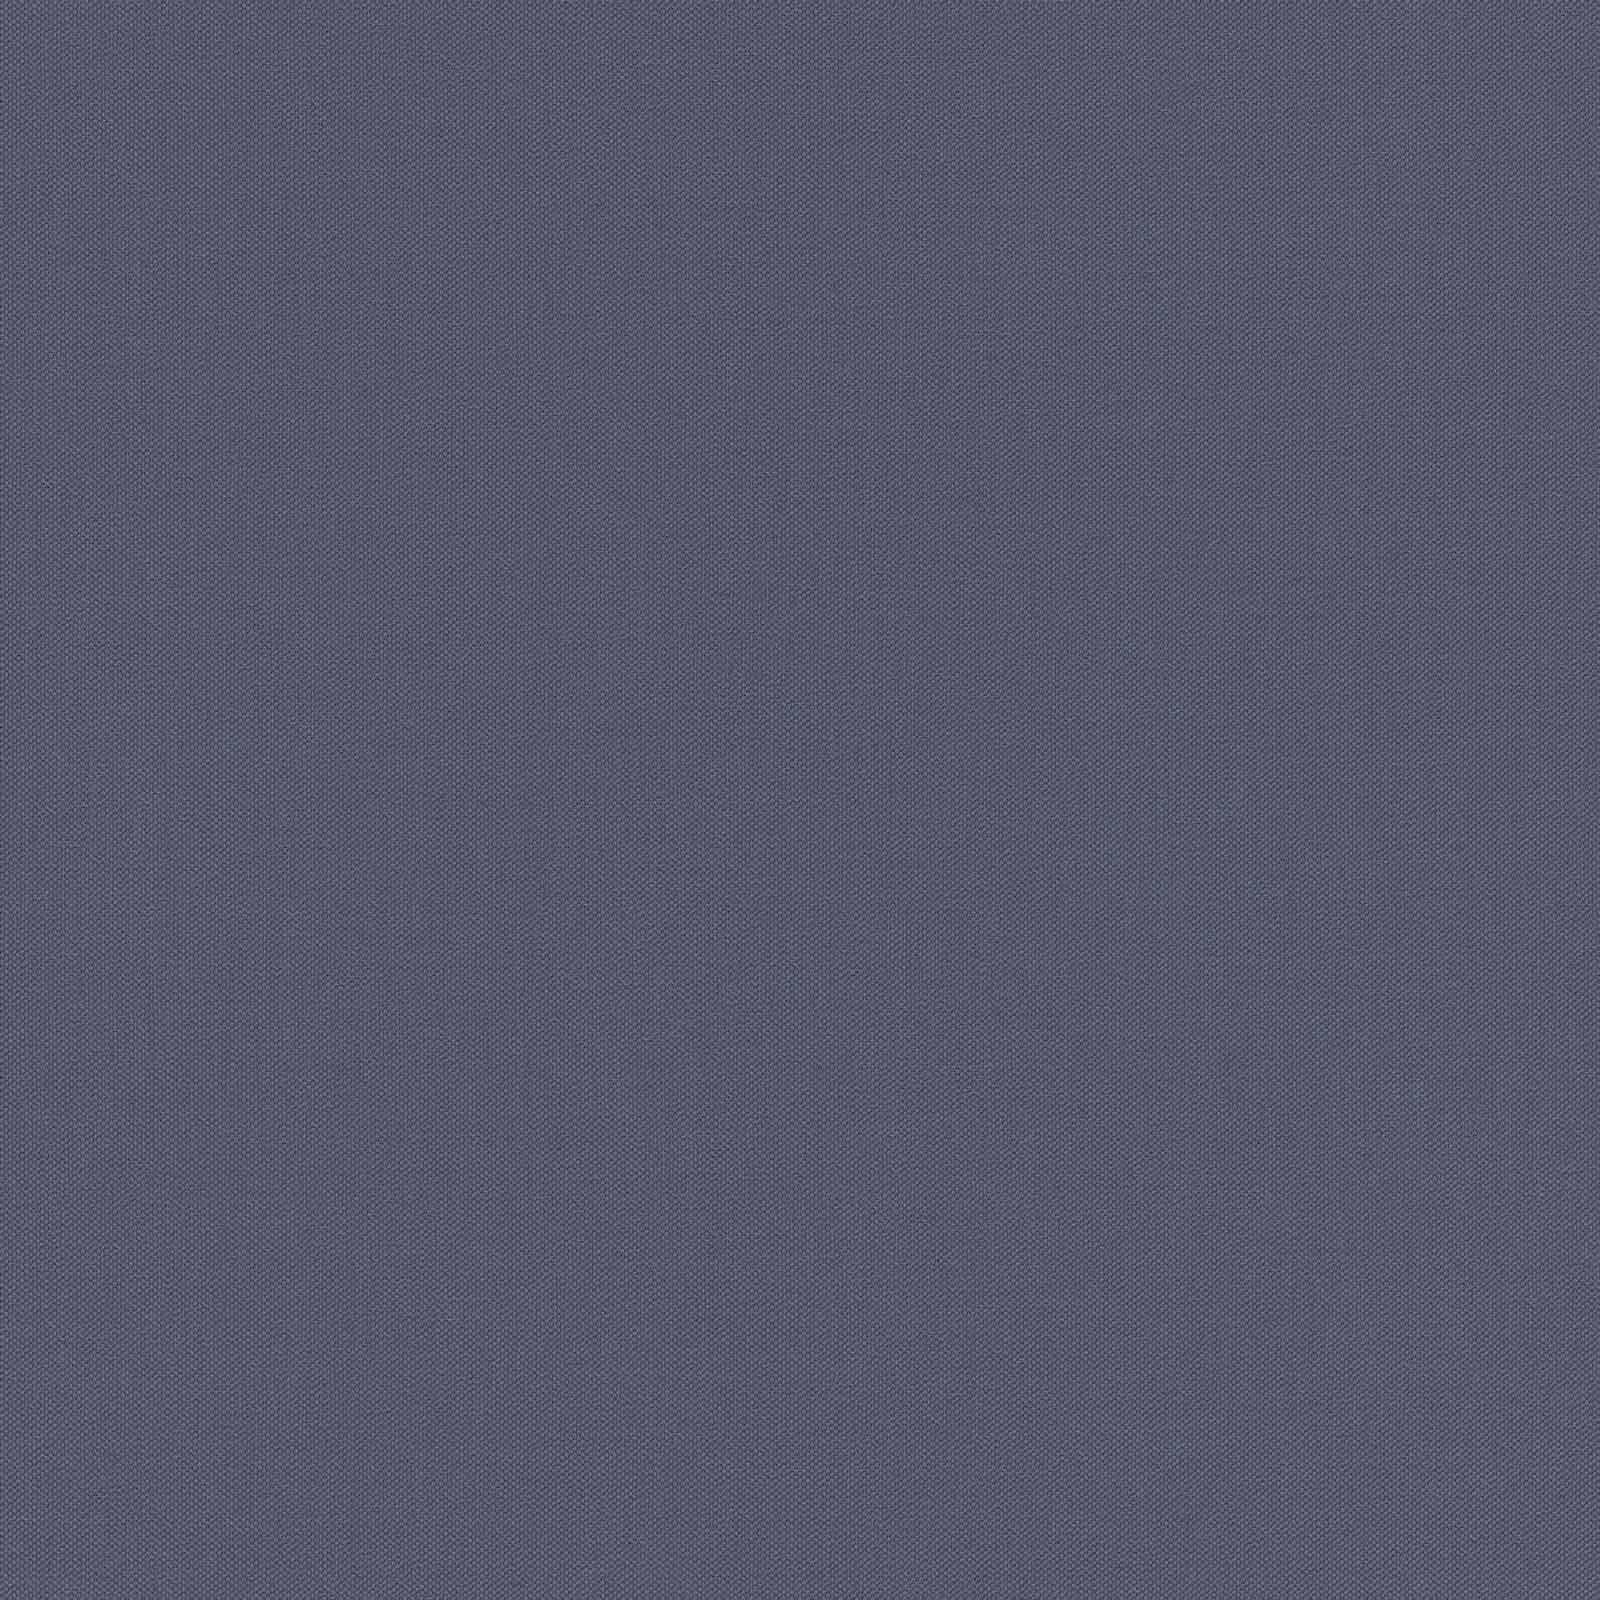 non woven wallpaper rasch plain dark blue 423983